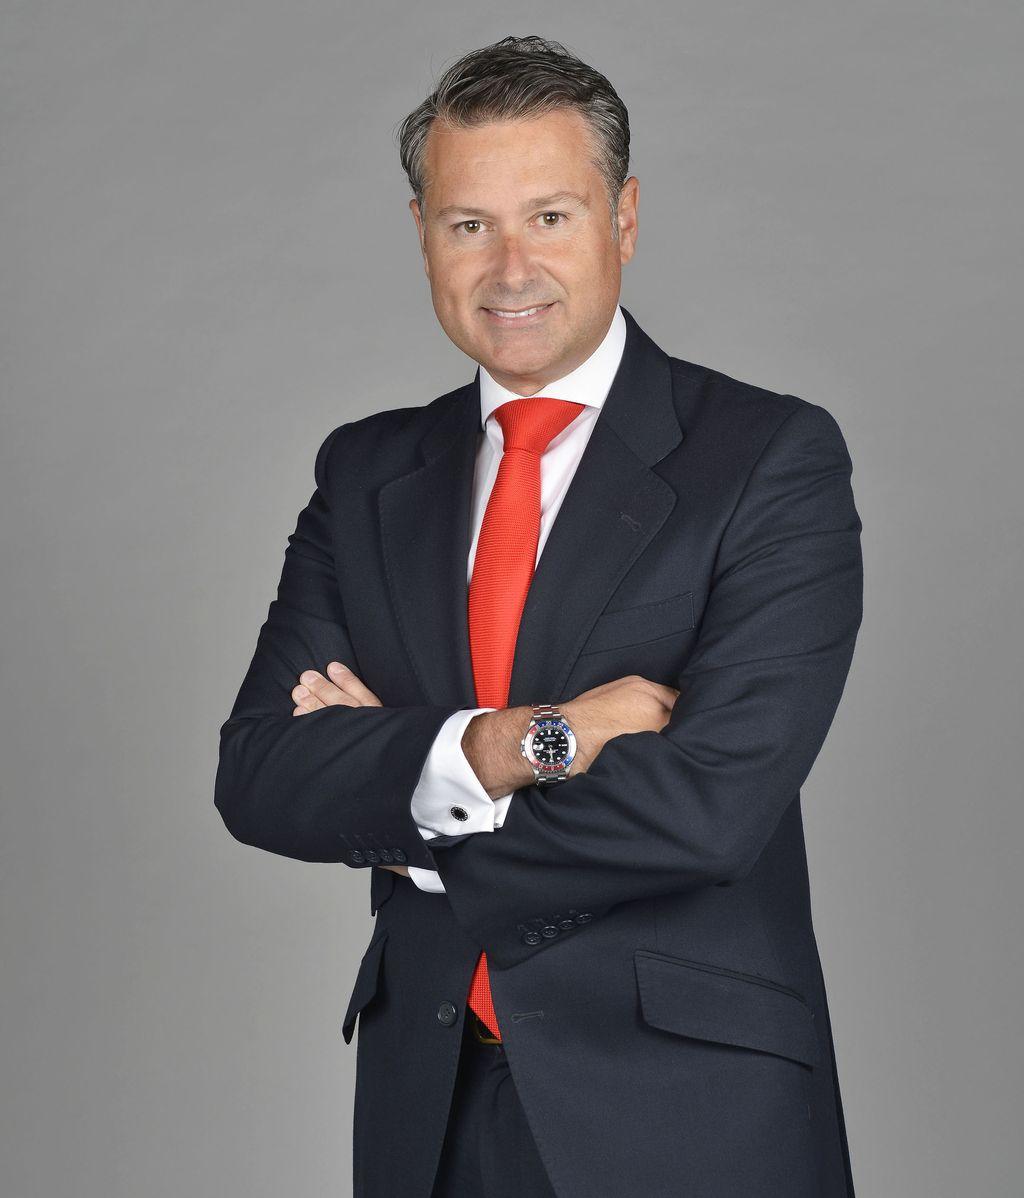 Yago Castillo